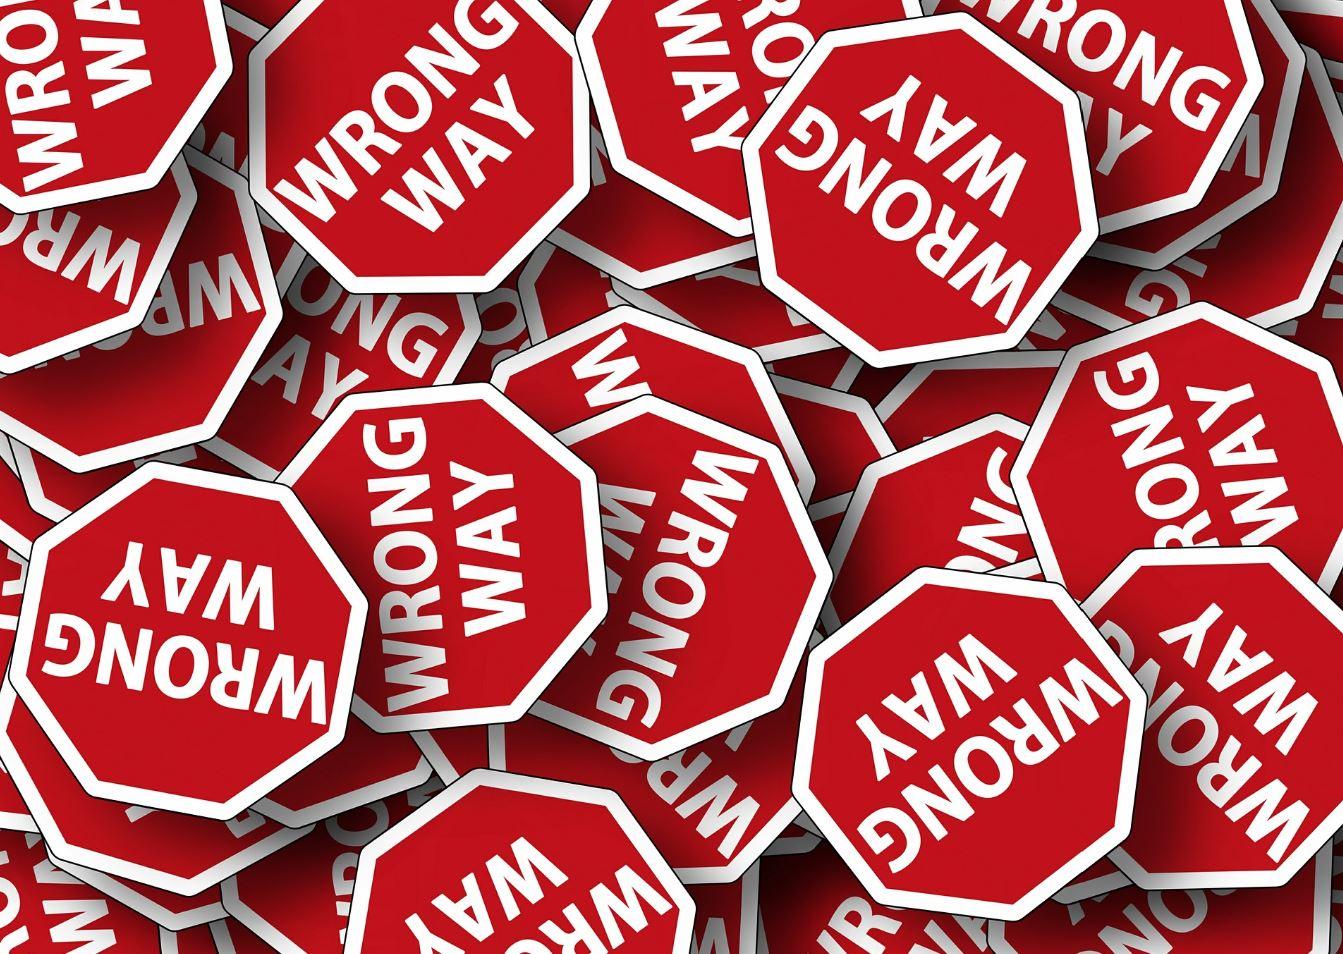 Las pantallas de error de WhatsApp, Instagram, Google y otras